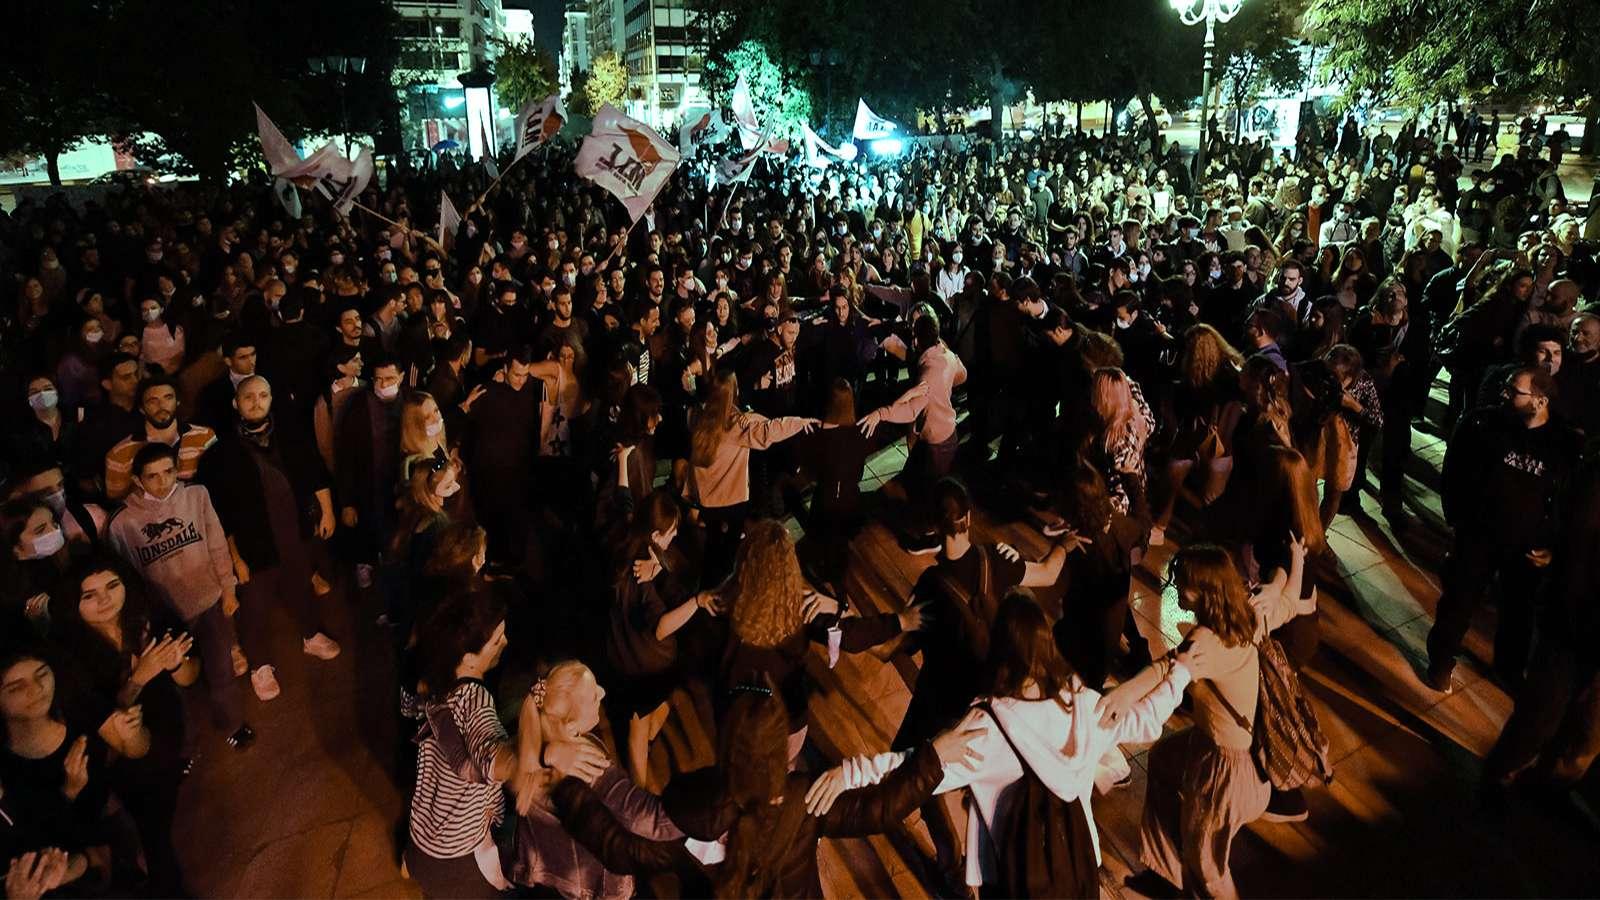 Αντιφασιστική Συναυλία στο Σύνταγμα «Δεν ξεχνάμε Το φασισμό και το σύστημα που τον γεννά πολεμάμε»